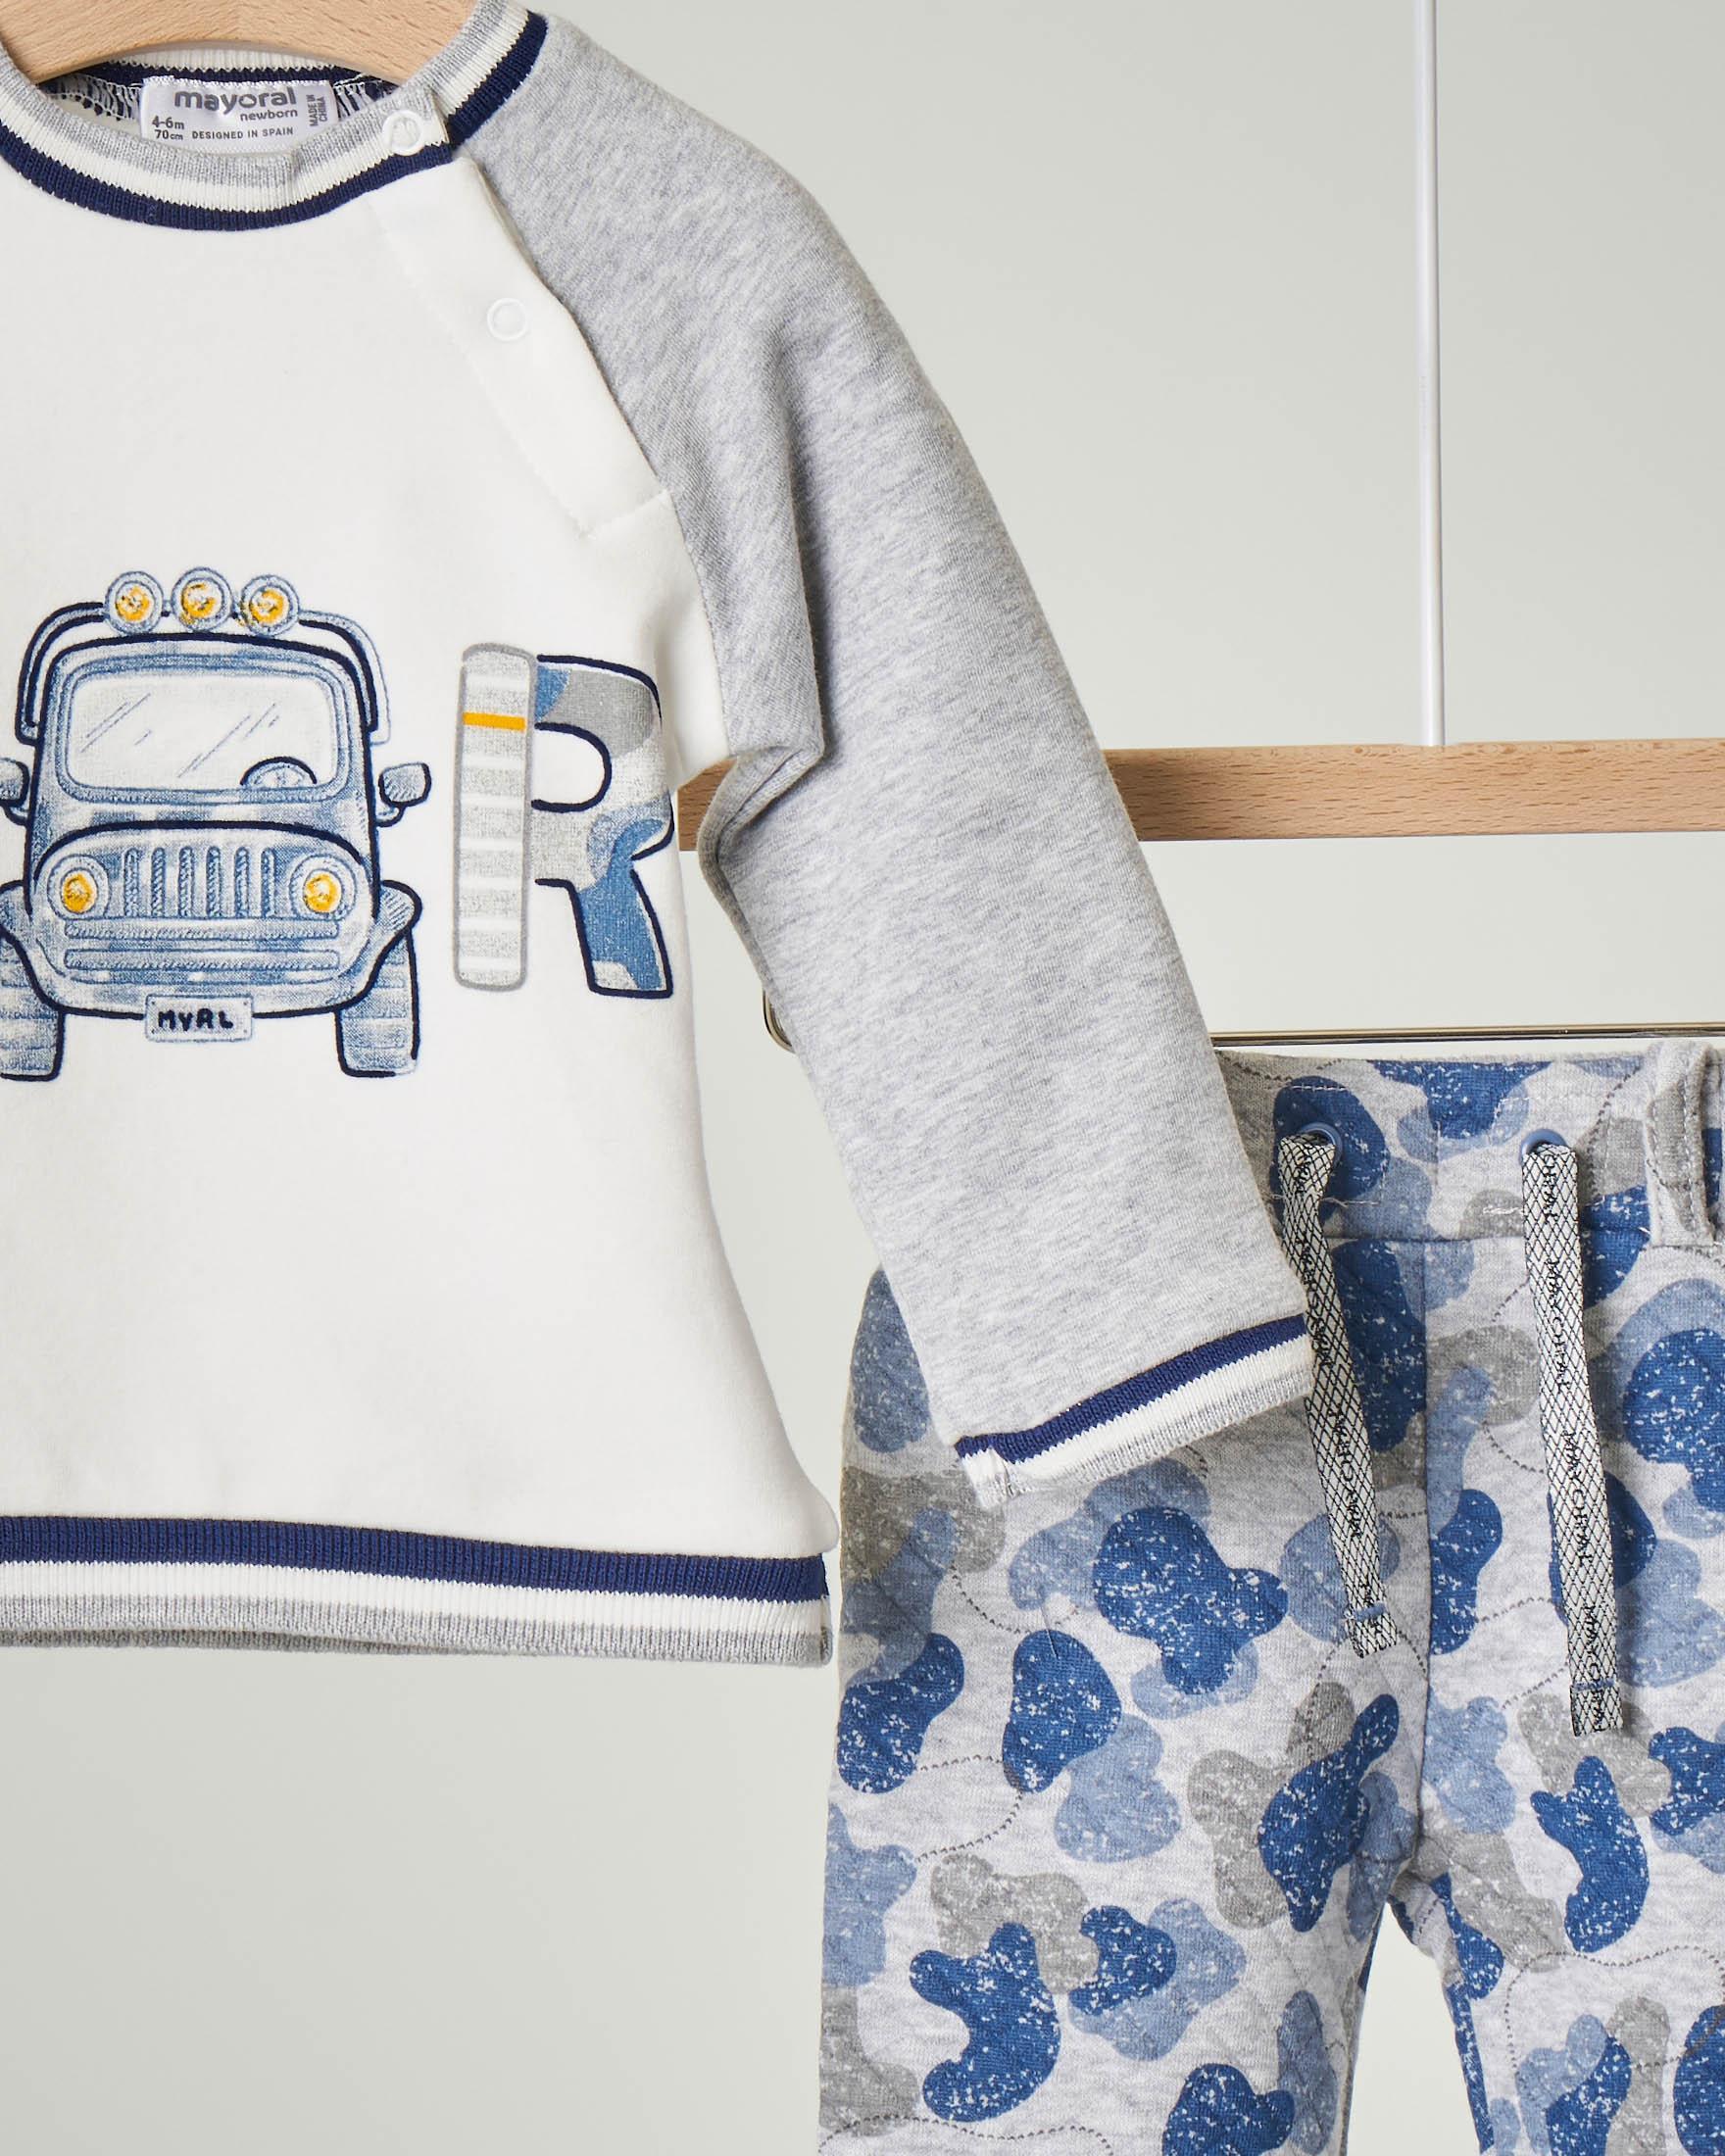 Tuta in jersey di cotone grigia con pantaloni a fantasia camouflage blu e felpa con stampa 4-12 mesi